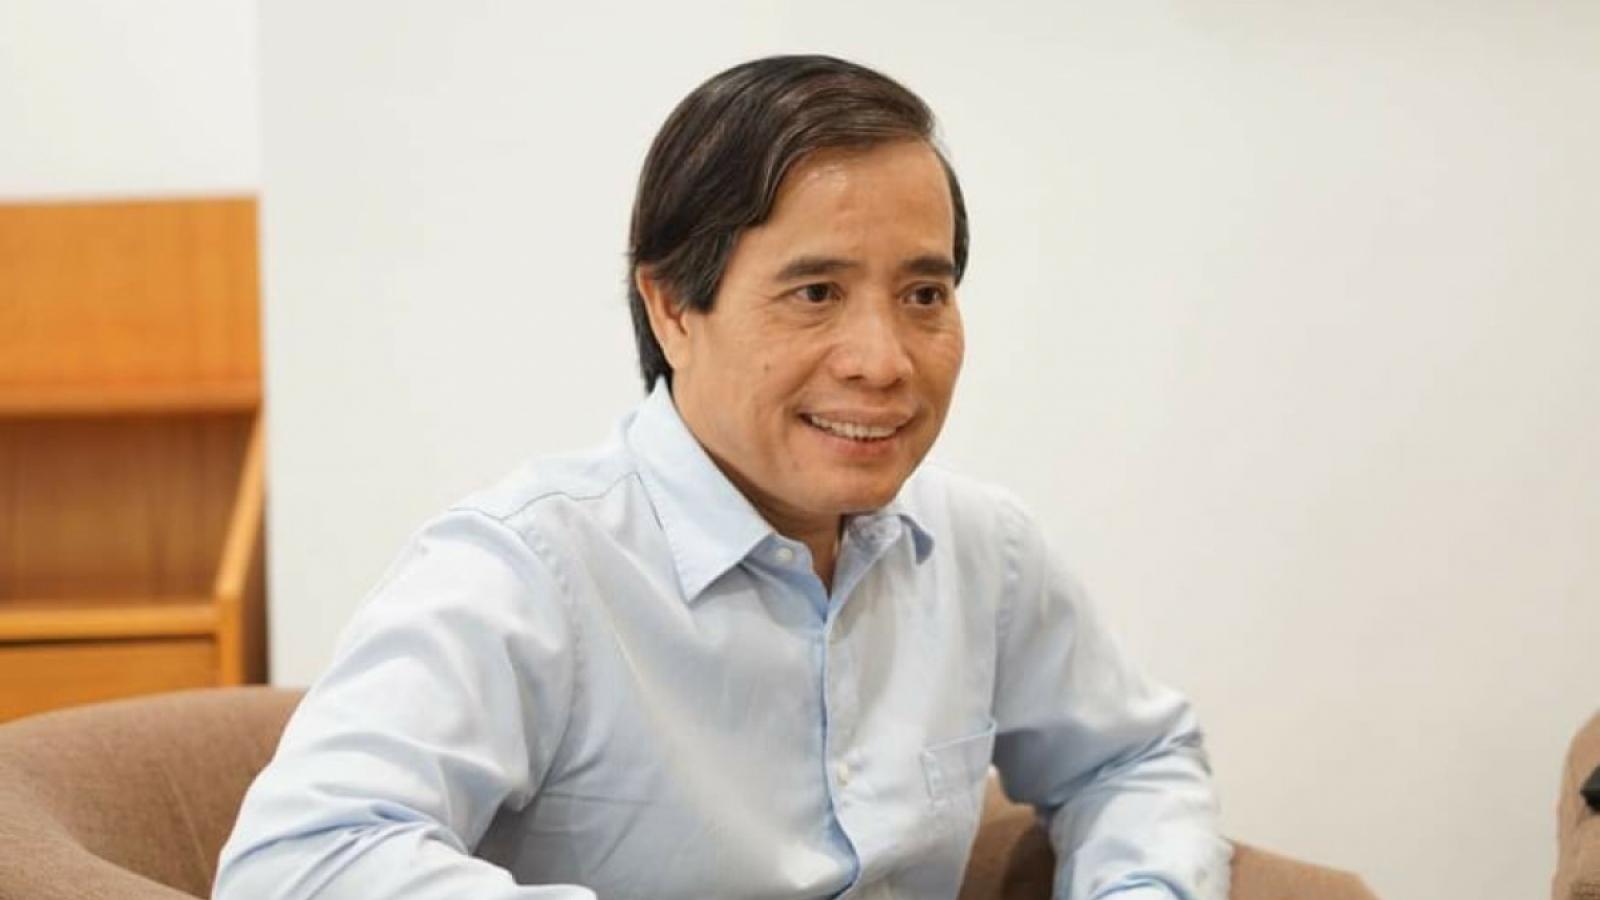 PGS-TS Vũ Minh Khương: Chống dịch không phải cứ đóng cửa chờ đấy thì dịch sẽ qua